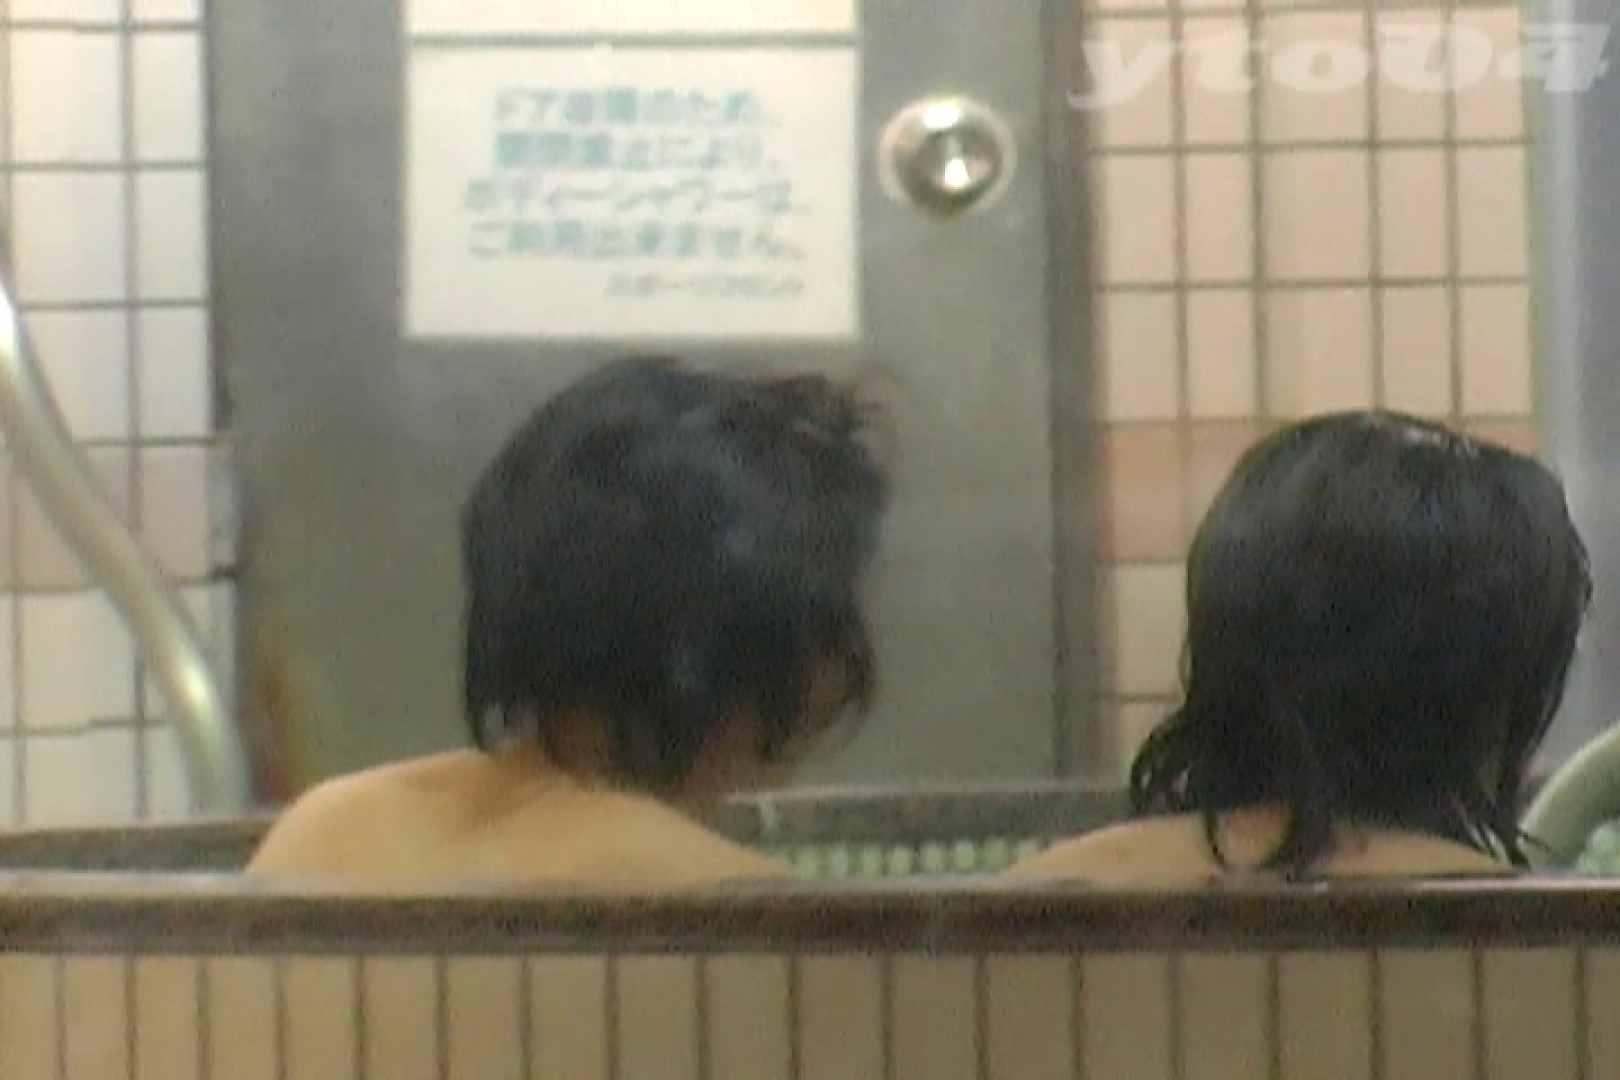 ▲復活限定▲合宿ホテル女風呂盗撮 Vol.22 盗撮名作 AV動画キャプチャ 74PIX 65